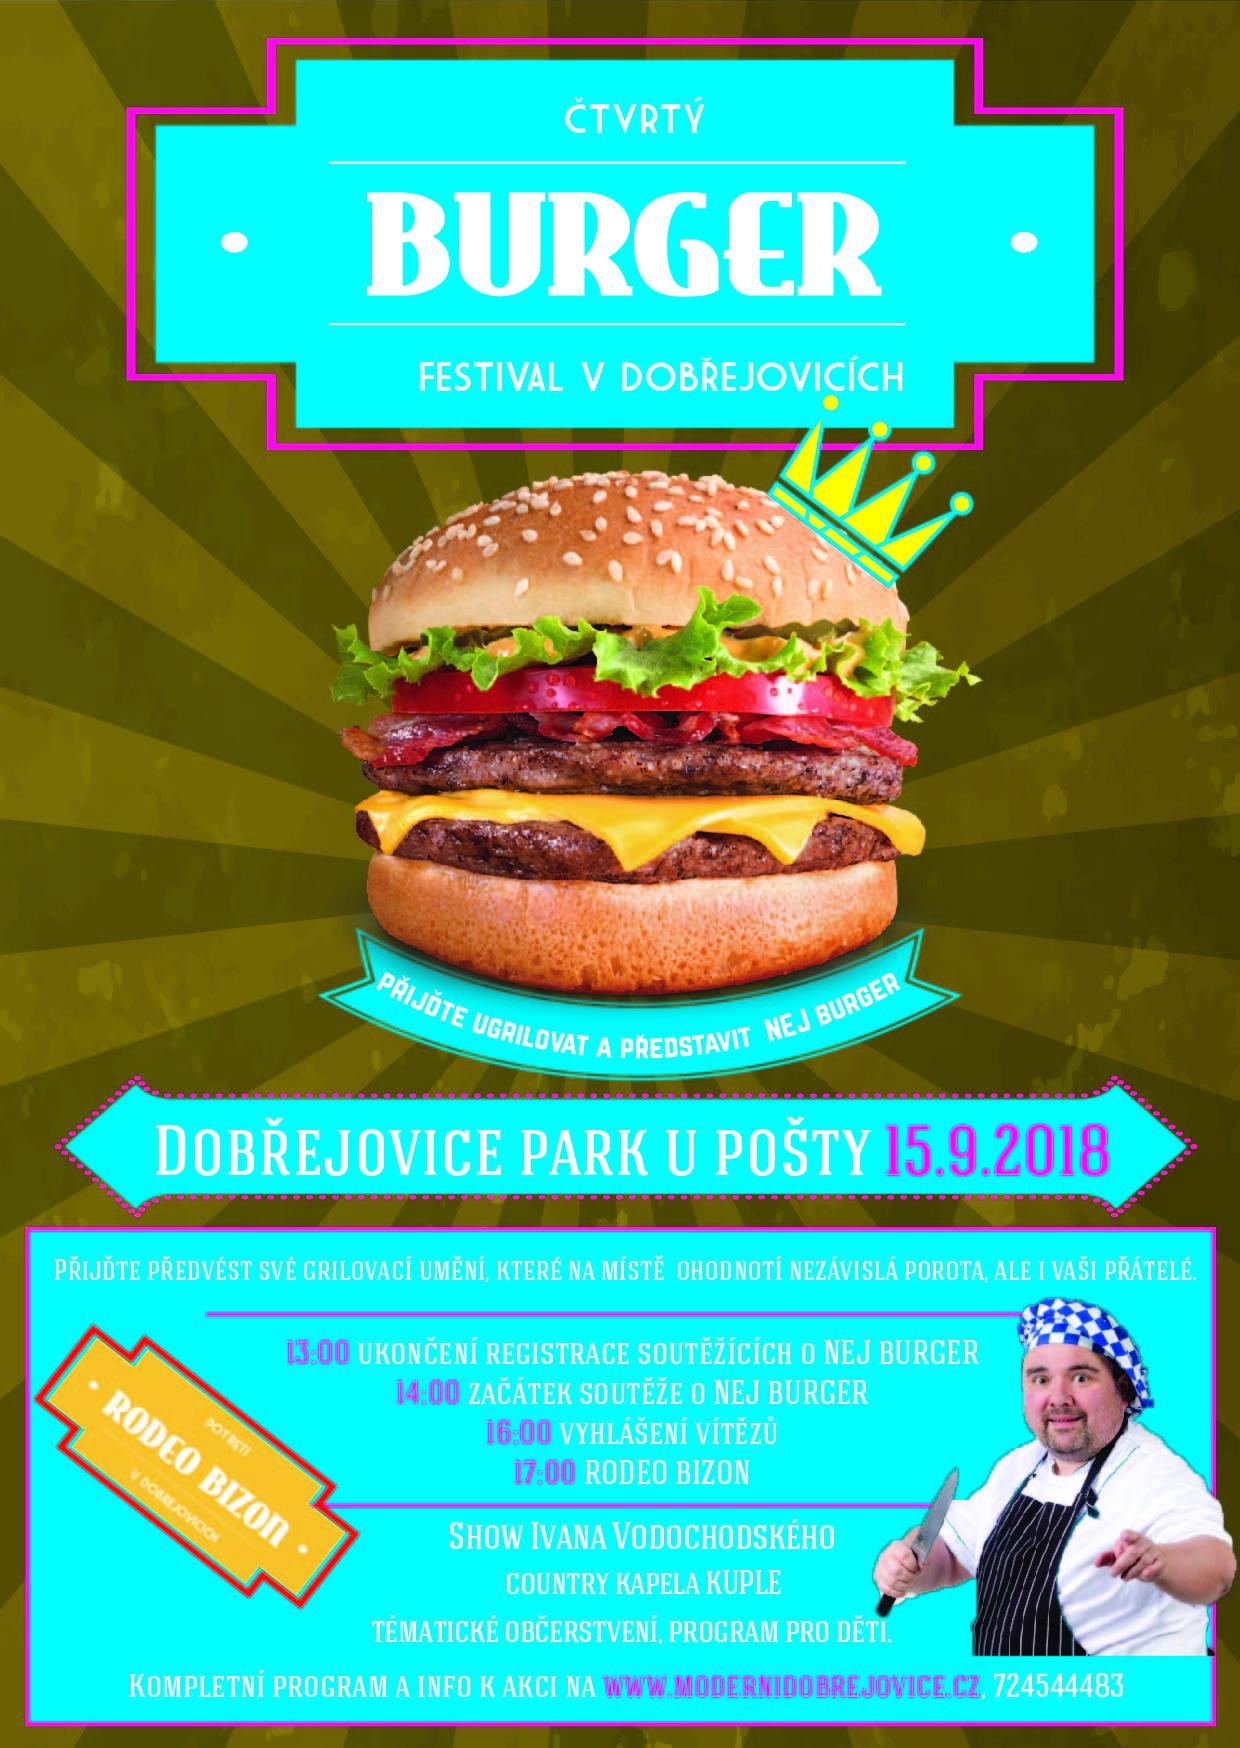 burger_fest_novy_2018_nový